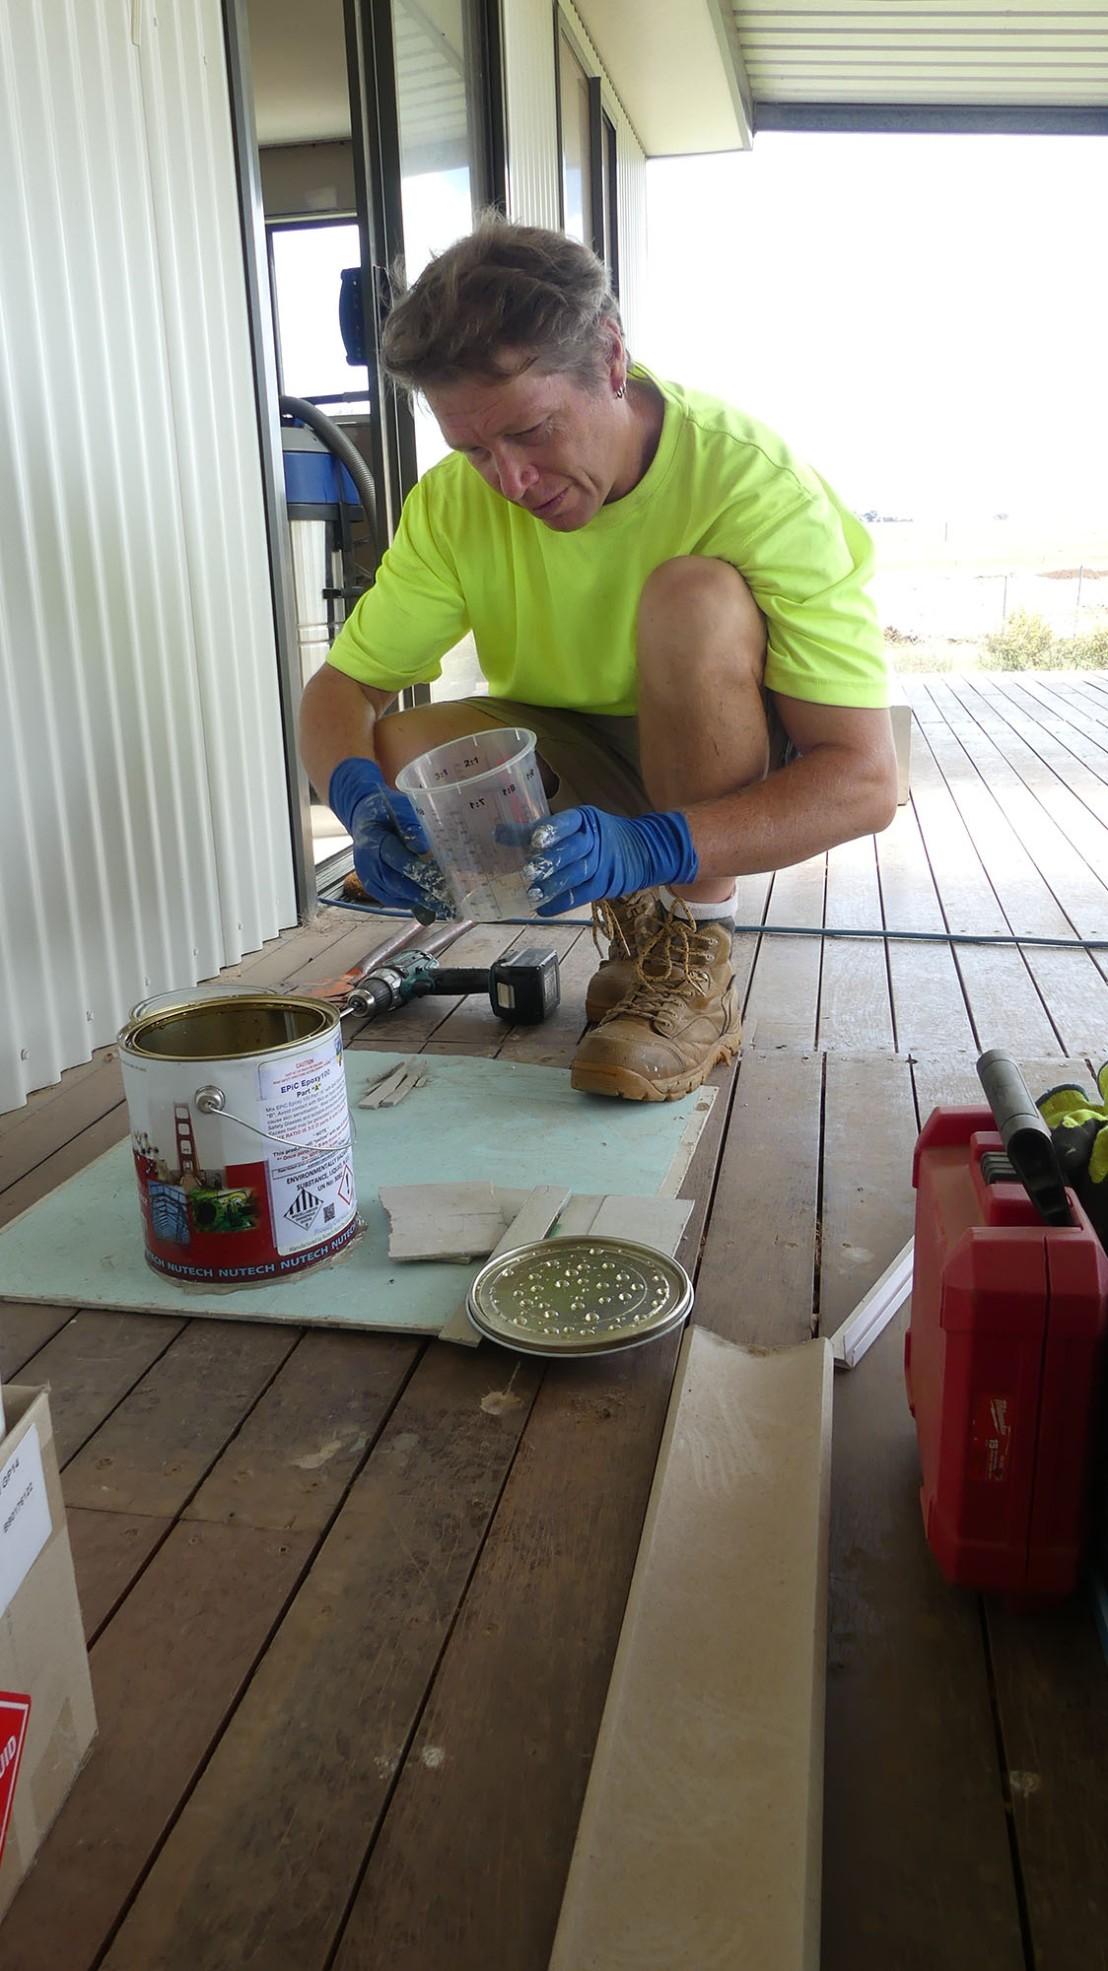 Preparing the flooring joint filler